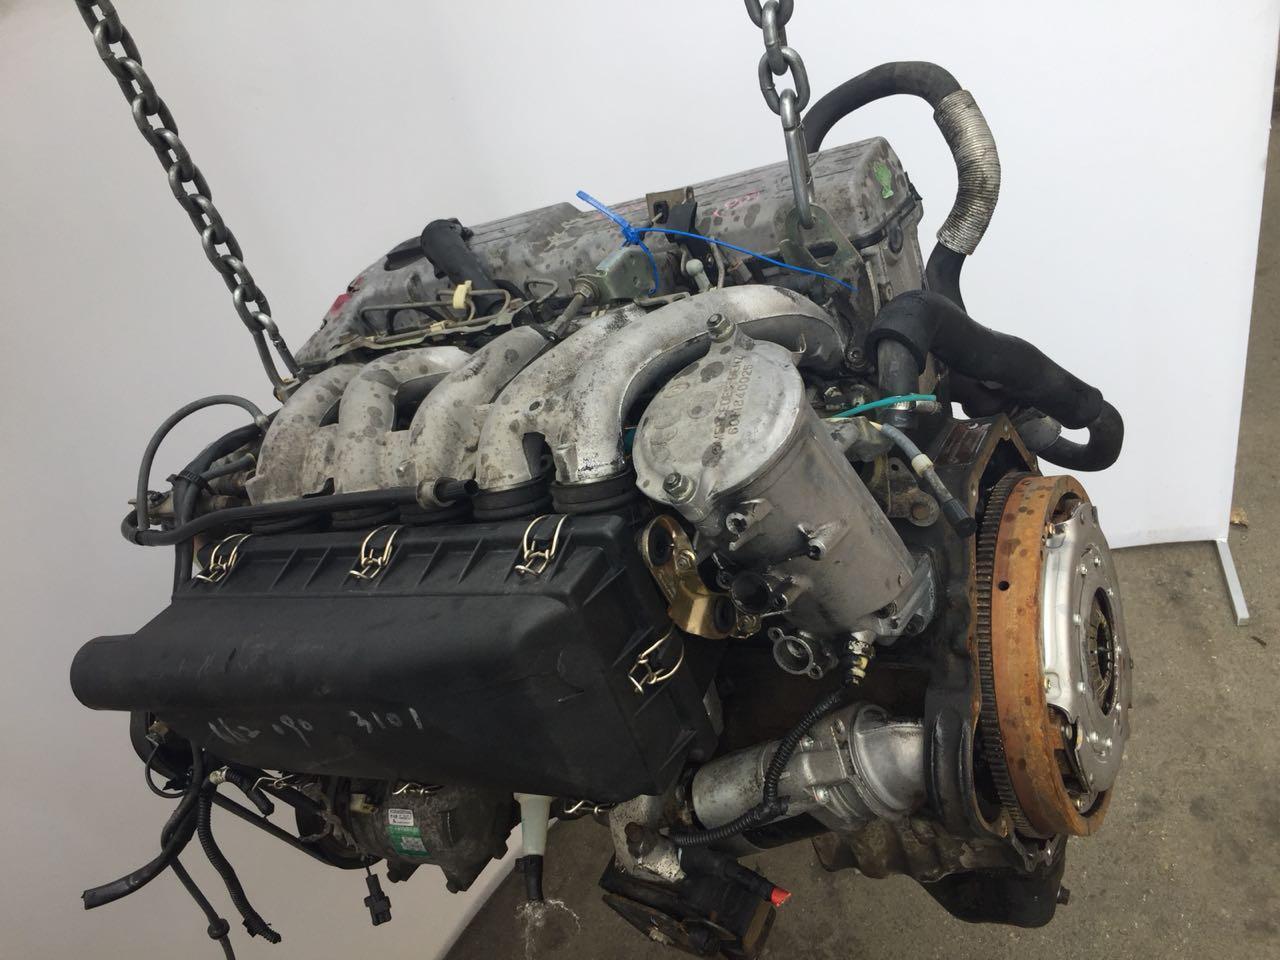 Двигатель Ssangyong Musso. 662910 (D29M). , 2.9л., 98л.с. Не турбо